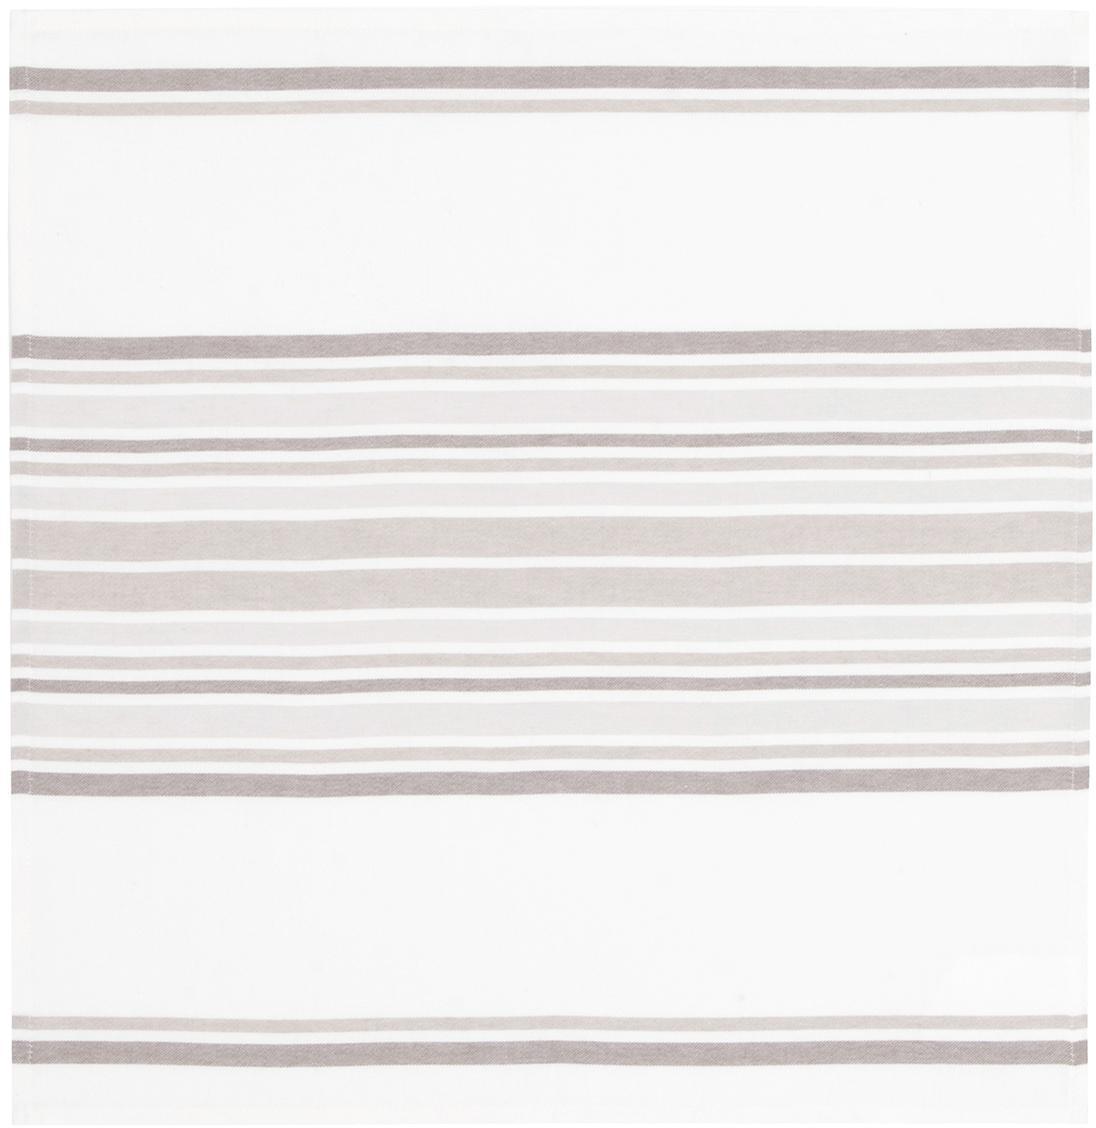 Stoffen servetten Katie, 2 stuks, Katoen, Wit, beige, 50 x 50 cm